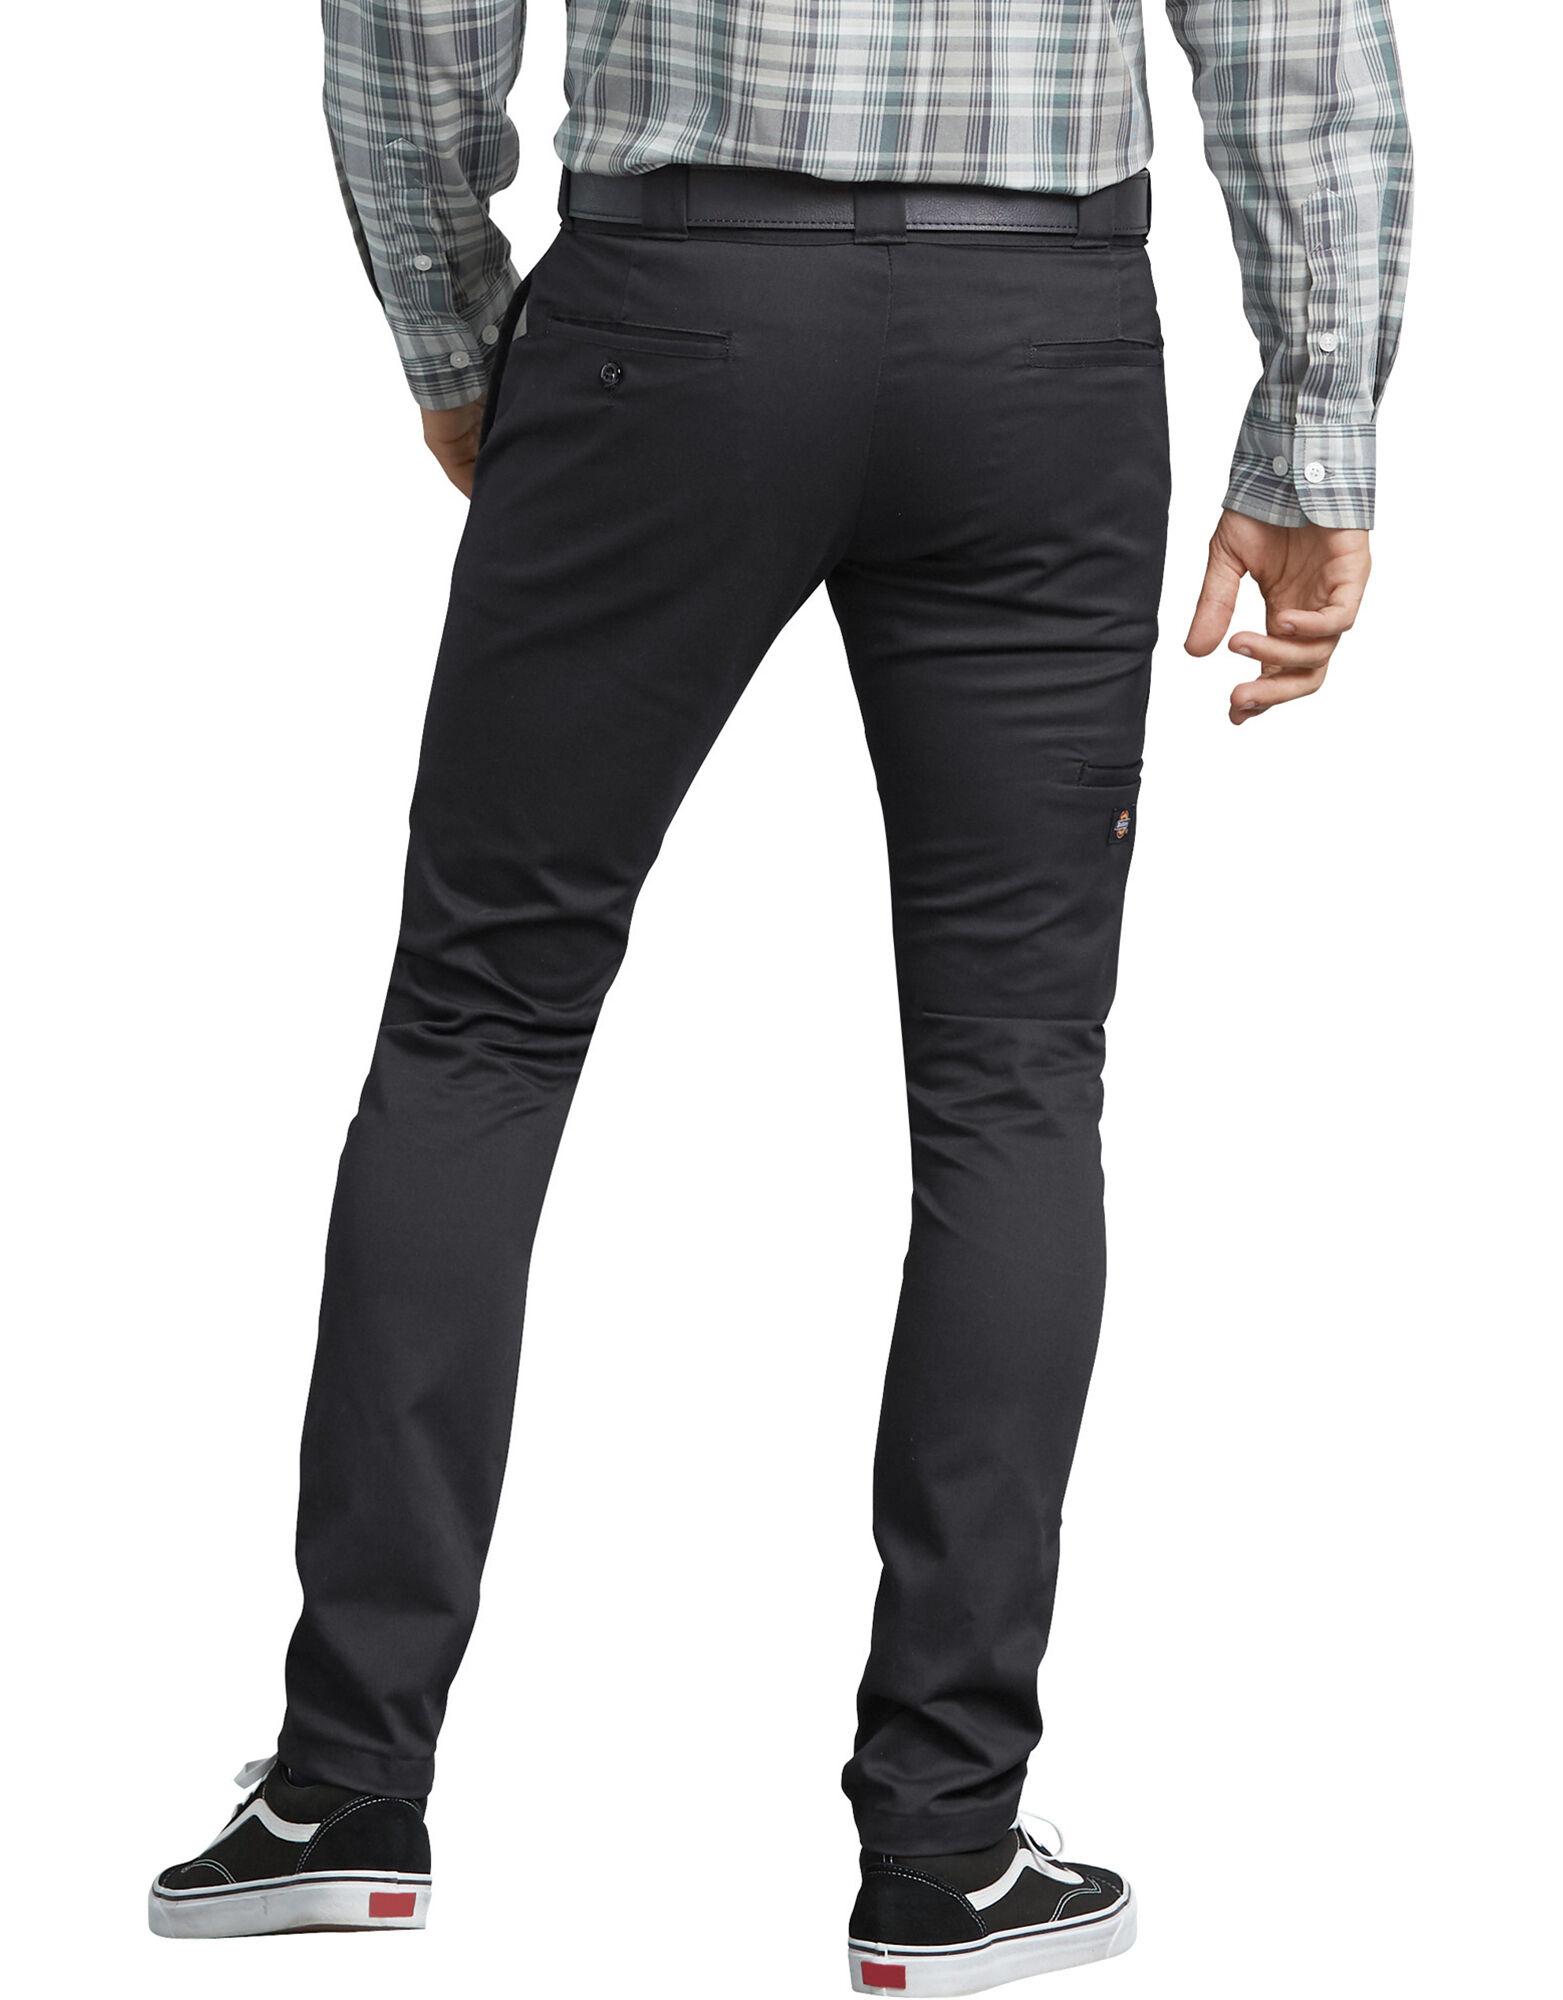 ALFANI Slim Pants, Created for Macy's - White 2